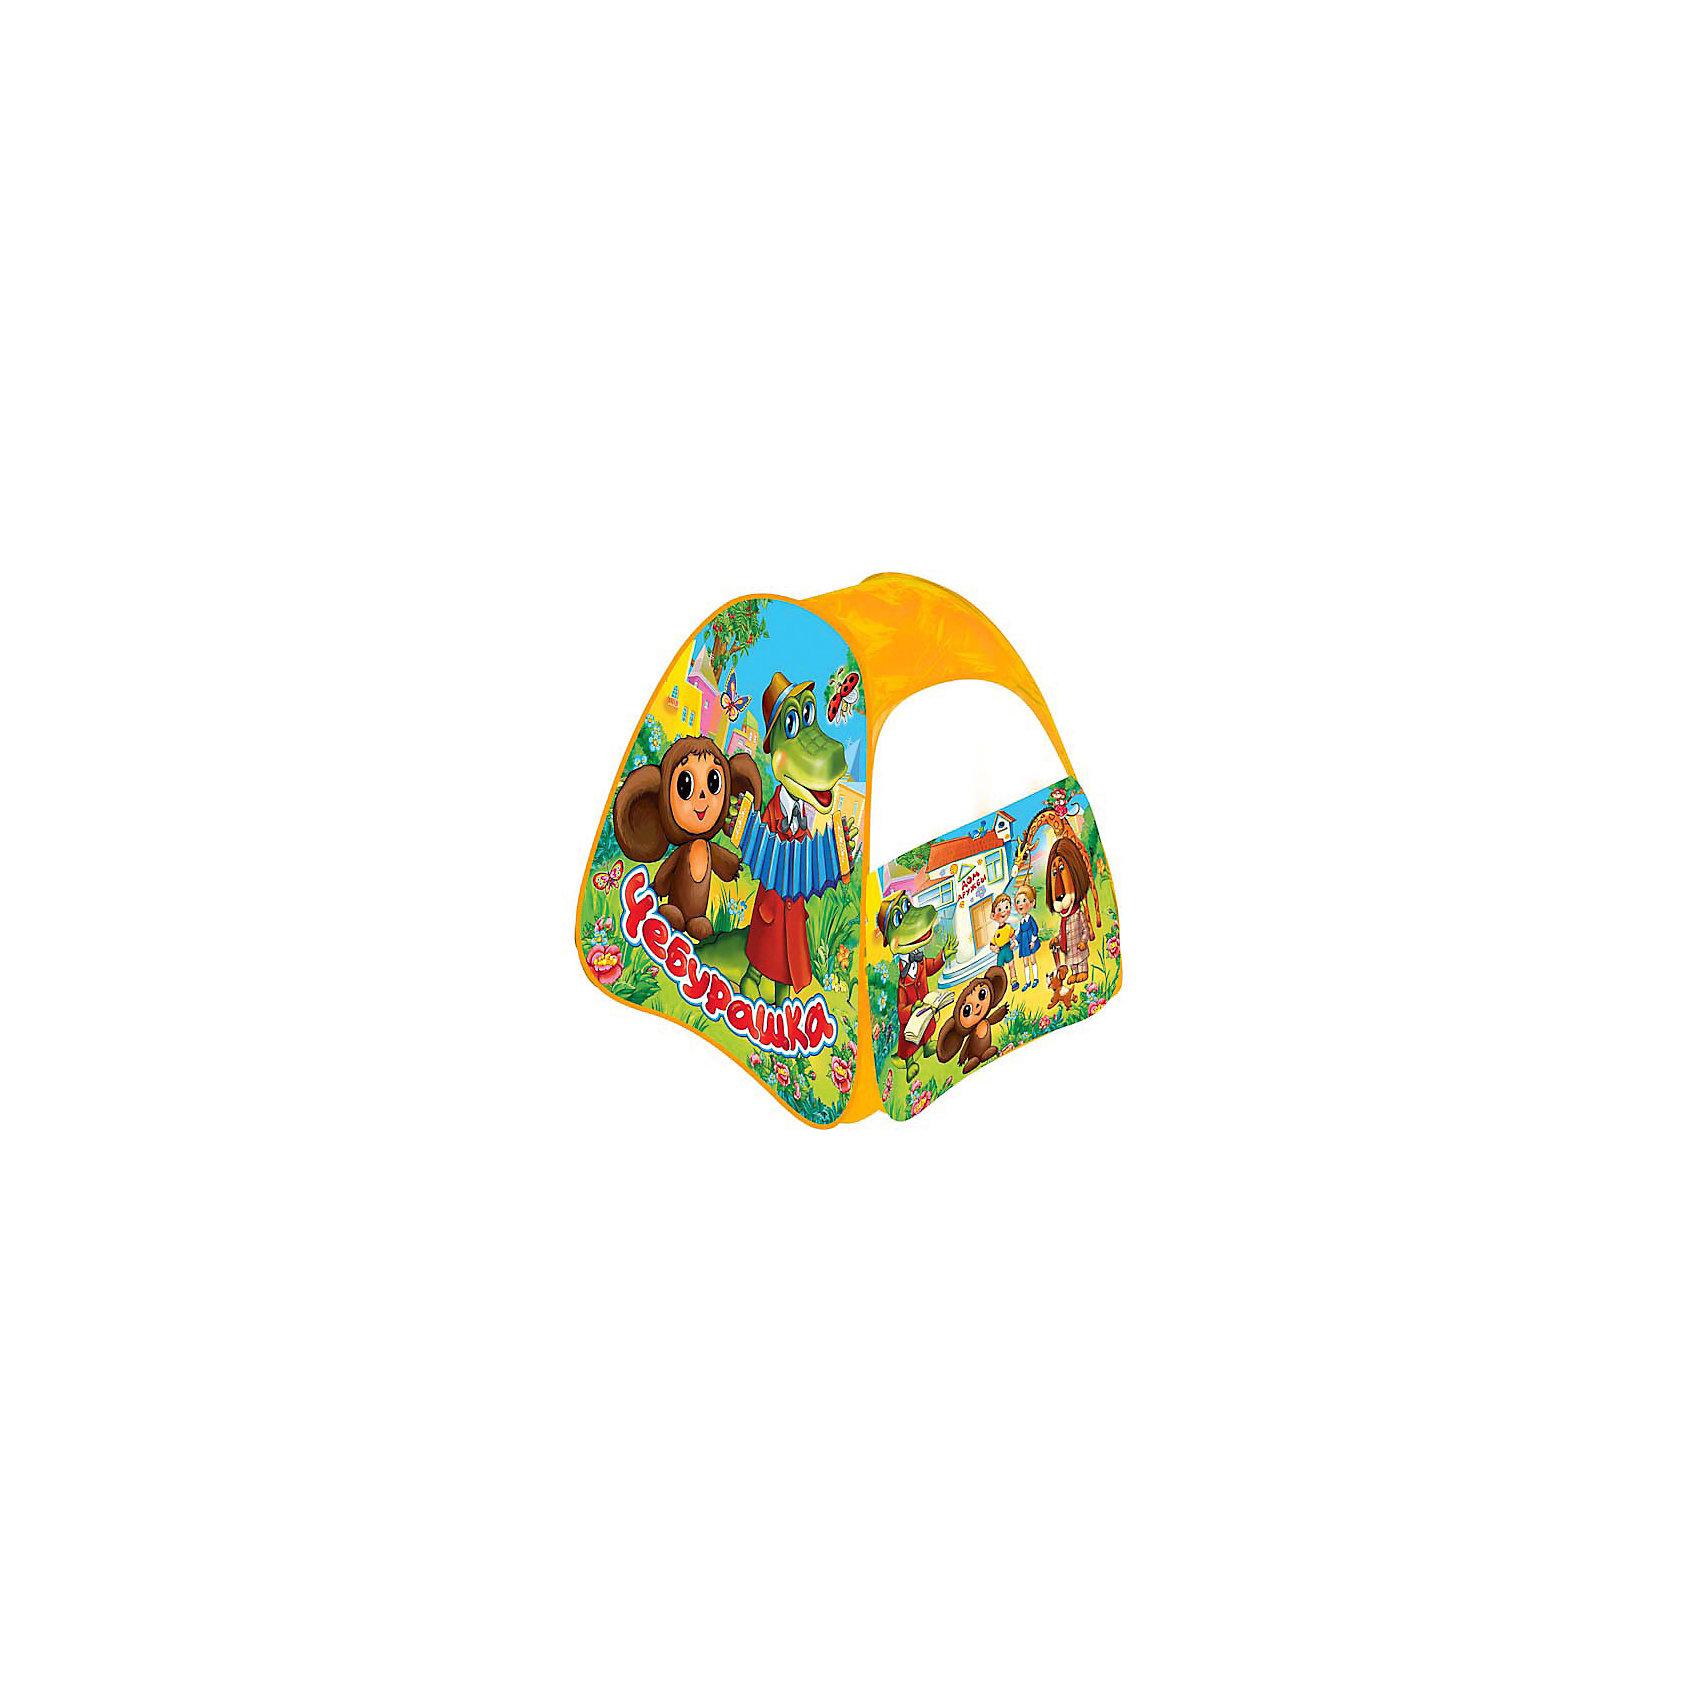 Детская игровая палатка Чебурашка, Играем вместеДетская игровая палатка Чебурашка, Играем вместе станет чудесным подарком для Вашего ребенка. Красочная разноцветная палатка украшена изображениями персонажей из популярных отечественных мультфильмов о Чебурашке и Крокодиле Гене.<br><br>Палатка оснащена дверью на липучке и полупрозрачным окном из сетчатого материала, которое позволяет наблюдать за ребенком когда он находится внутри. Благодаря самораскладывающемуся каркасу-спирали палатка легко собирается и складывается. Этот замечательный игровой домик поможет Вашему ребенку создать свой уютный уголок<br>для игр как в помещении, так и на улице. <br><br>Палатка компактно складывается в небольшую пластиковую сумочку на молнии, поэтому ее удобно брать с собой на прогулку или в поездку. Выполнена из прочного, водонепроницаемого, моющегося материала.<br><br>Дополнительная информация:<br><br>- Материал: текстиль, металл.<br>- Размер палатки: 81 х 91 х 81 см.<br>- Вес с упаковкой: 0,75 кг. <br><br>Яркая палатка будет чудесным местом для самостоятельной игры ребёнка и отлично подойдёт для сюжетно-ролевых игр. <br><br>Детскую игровую палатку Чебурашка, Играем вместе можно купить в нашем интернет-магазине.<br><br>Ширина мм: 40<br>Глубина мм: 350<br>Высота мм: 350<br>Вес г: 750<br>Возраст от месяцев: 12<br>Возраст до месяцев: 60<br>Пол: Унисекс<br>Возраст: Детский<br>SKU: 3794555